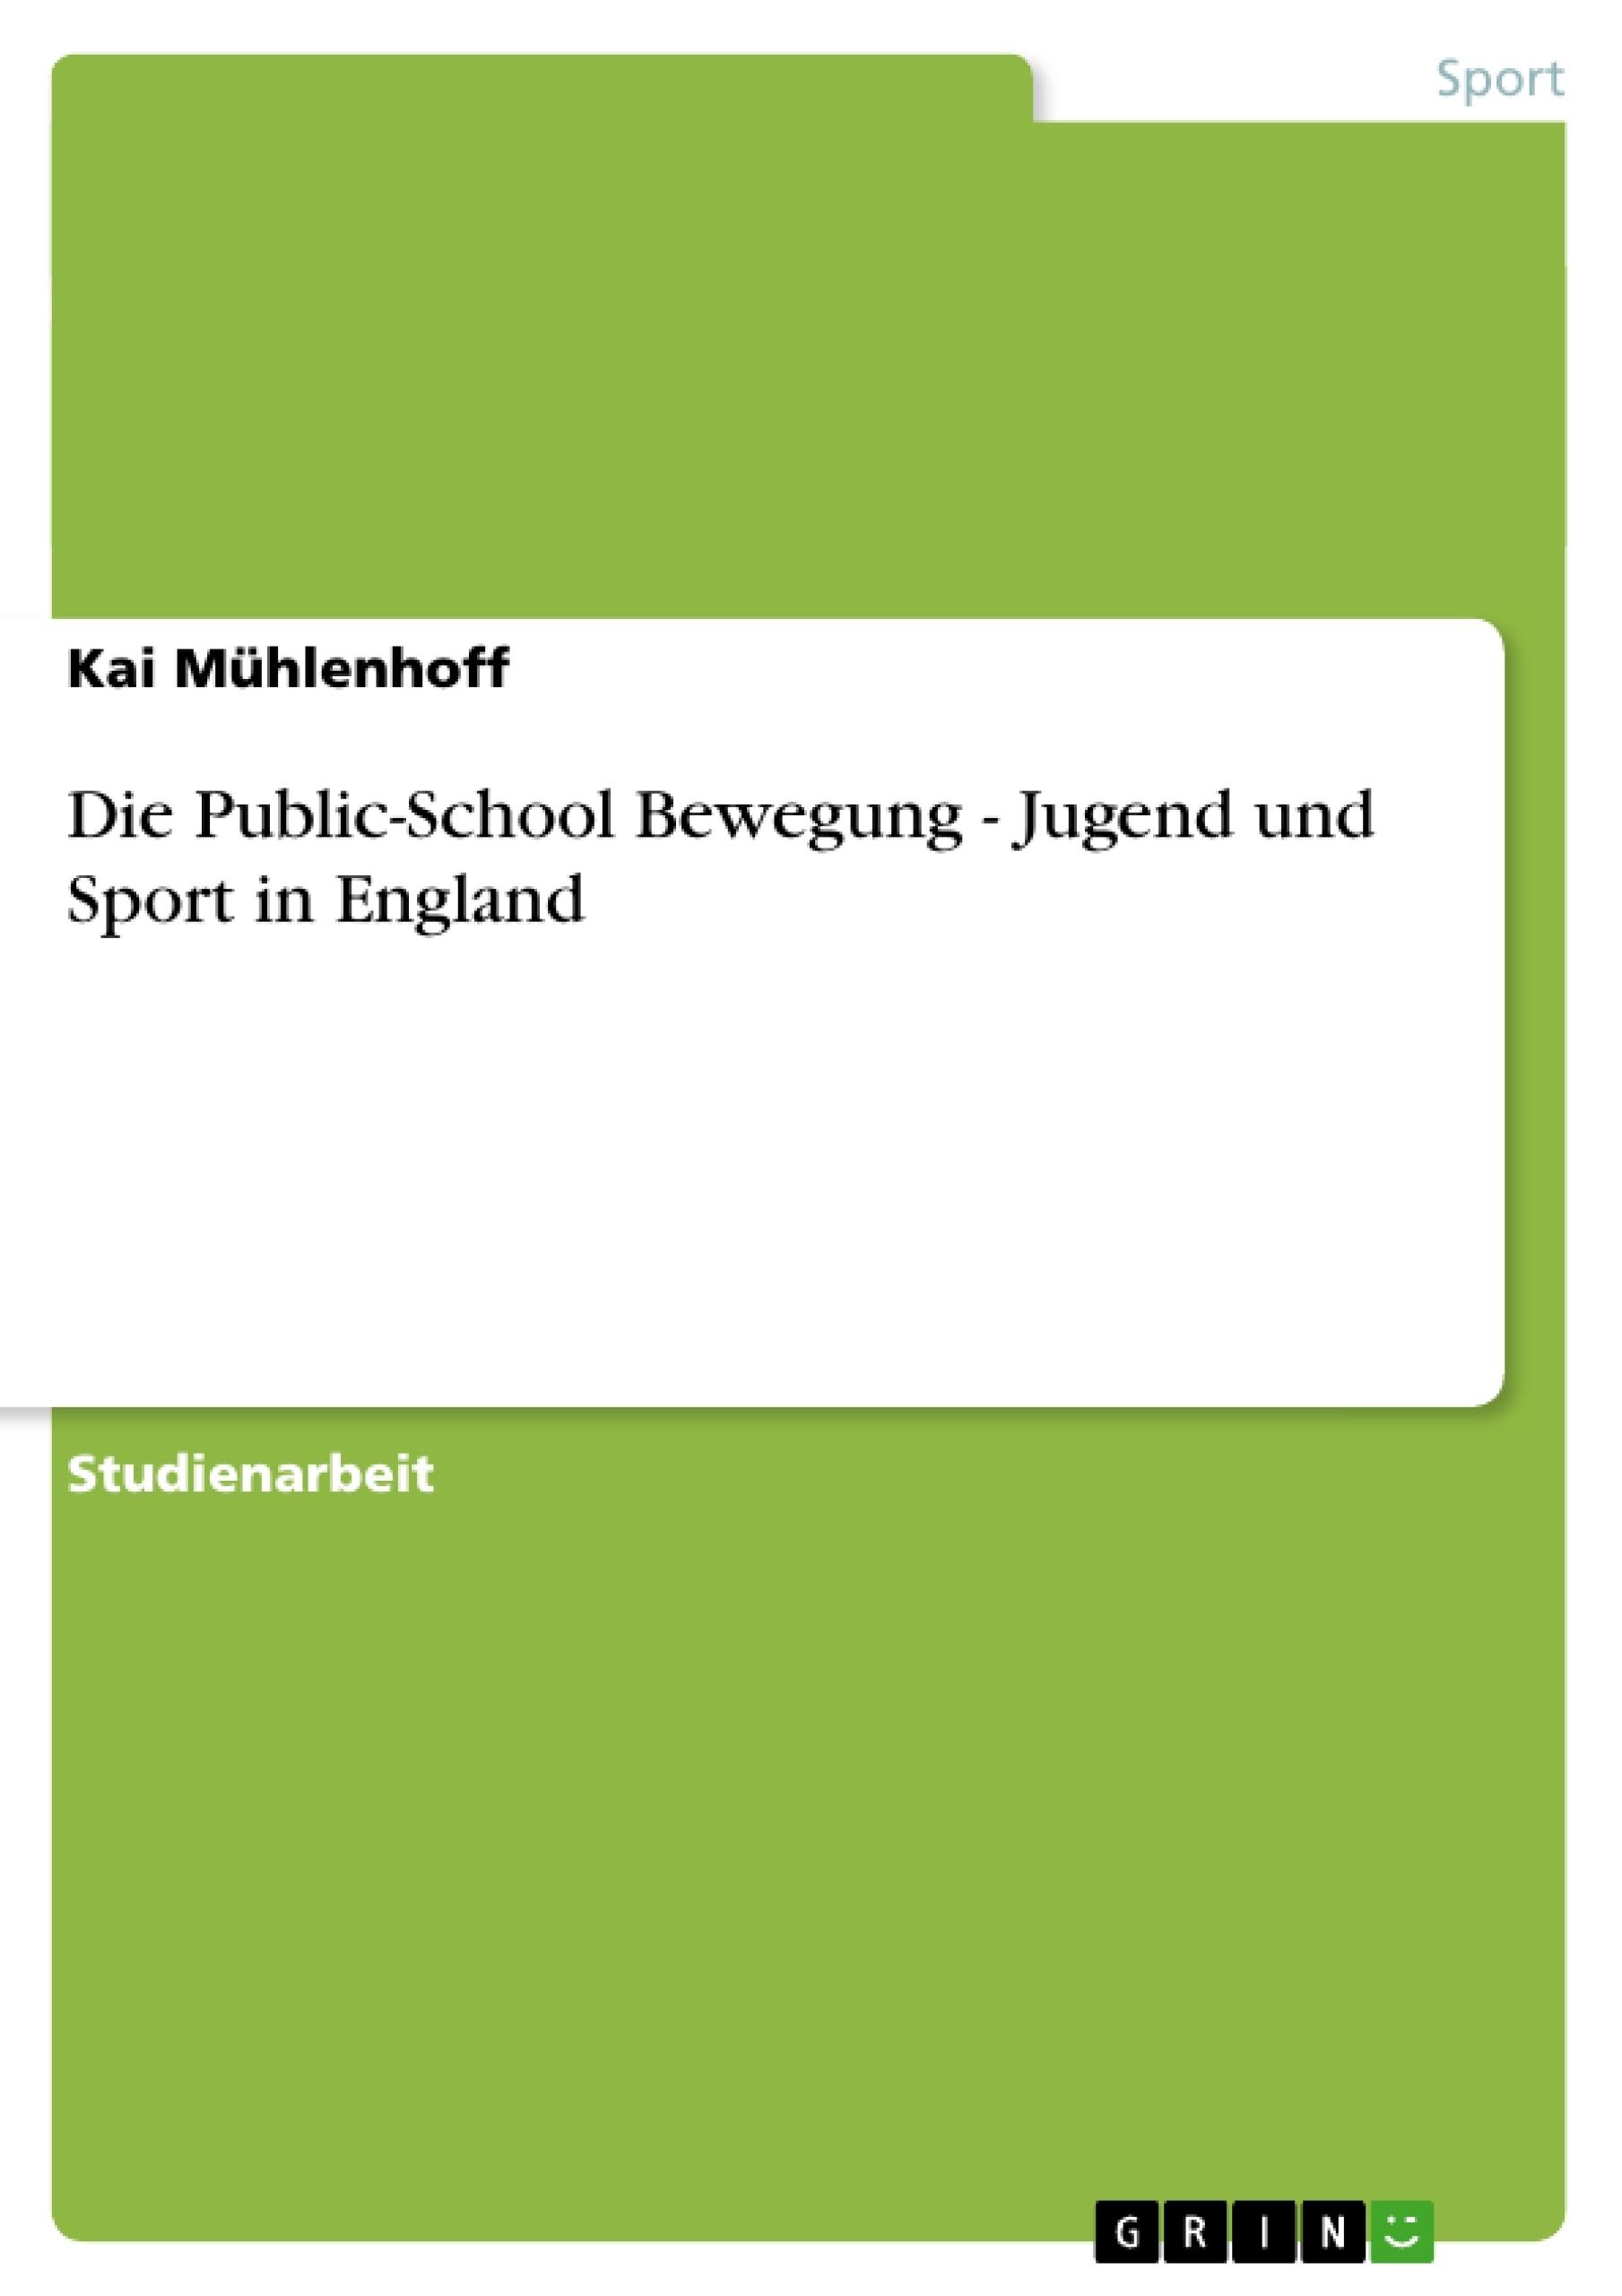 Titel: Die Public-School Bewegung - Jugend und Sport in England